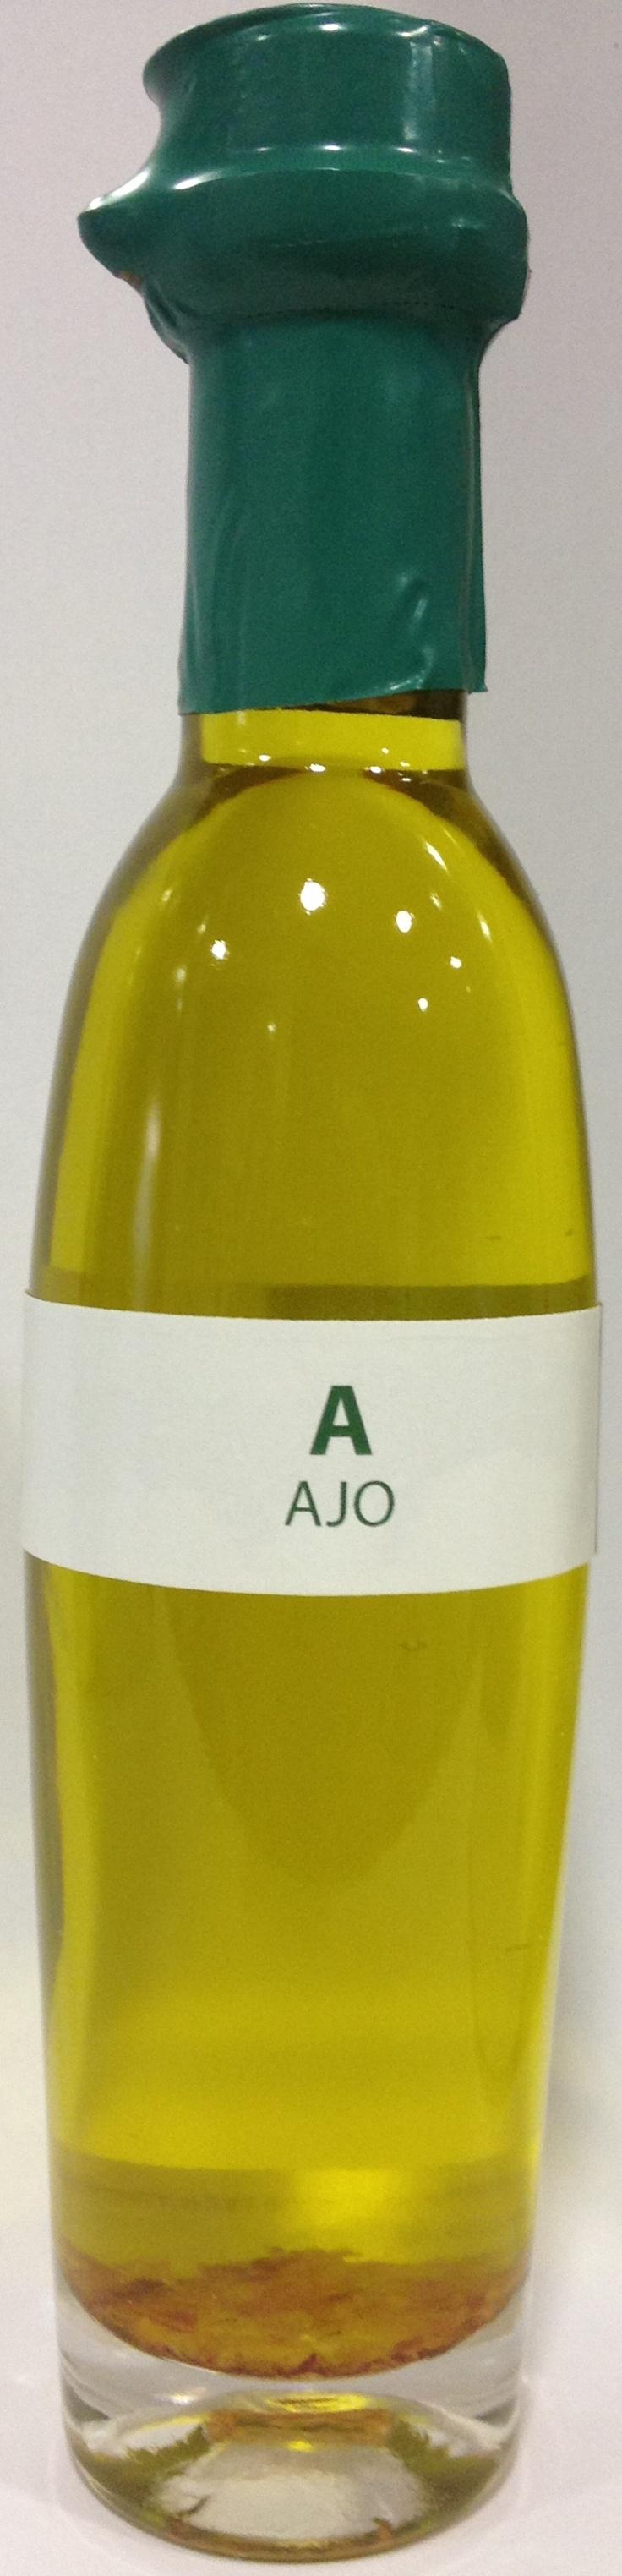 Aceite de oliva virgen extra ecostean con ajo.